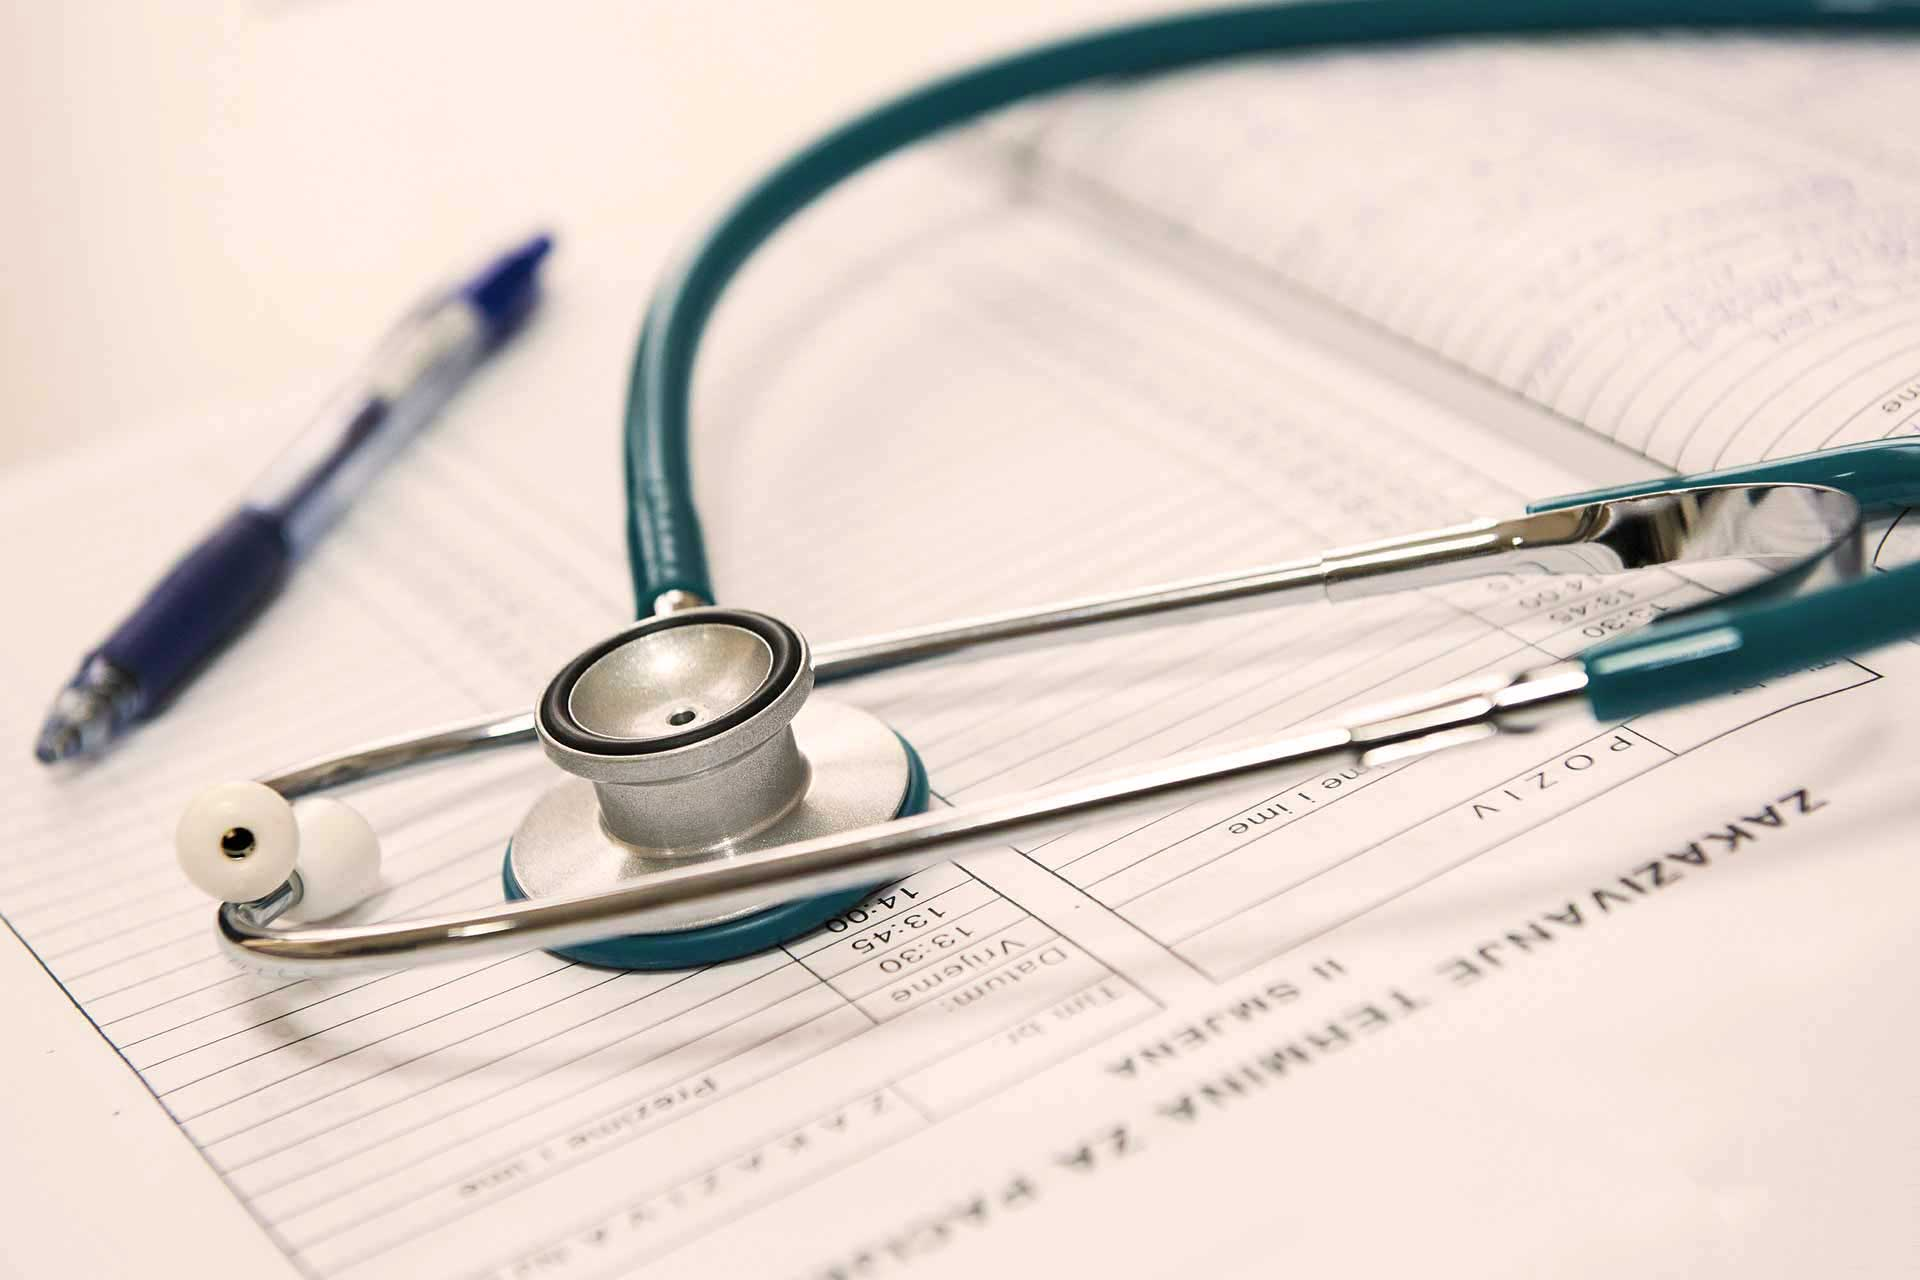 Stetoskop auf einem Praxisplan